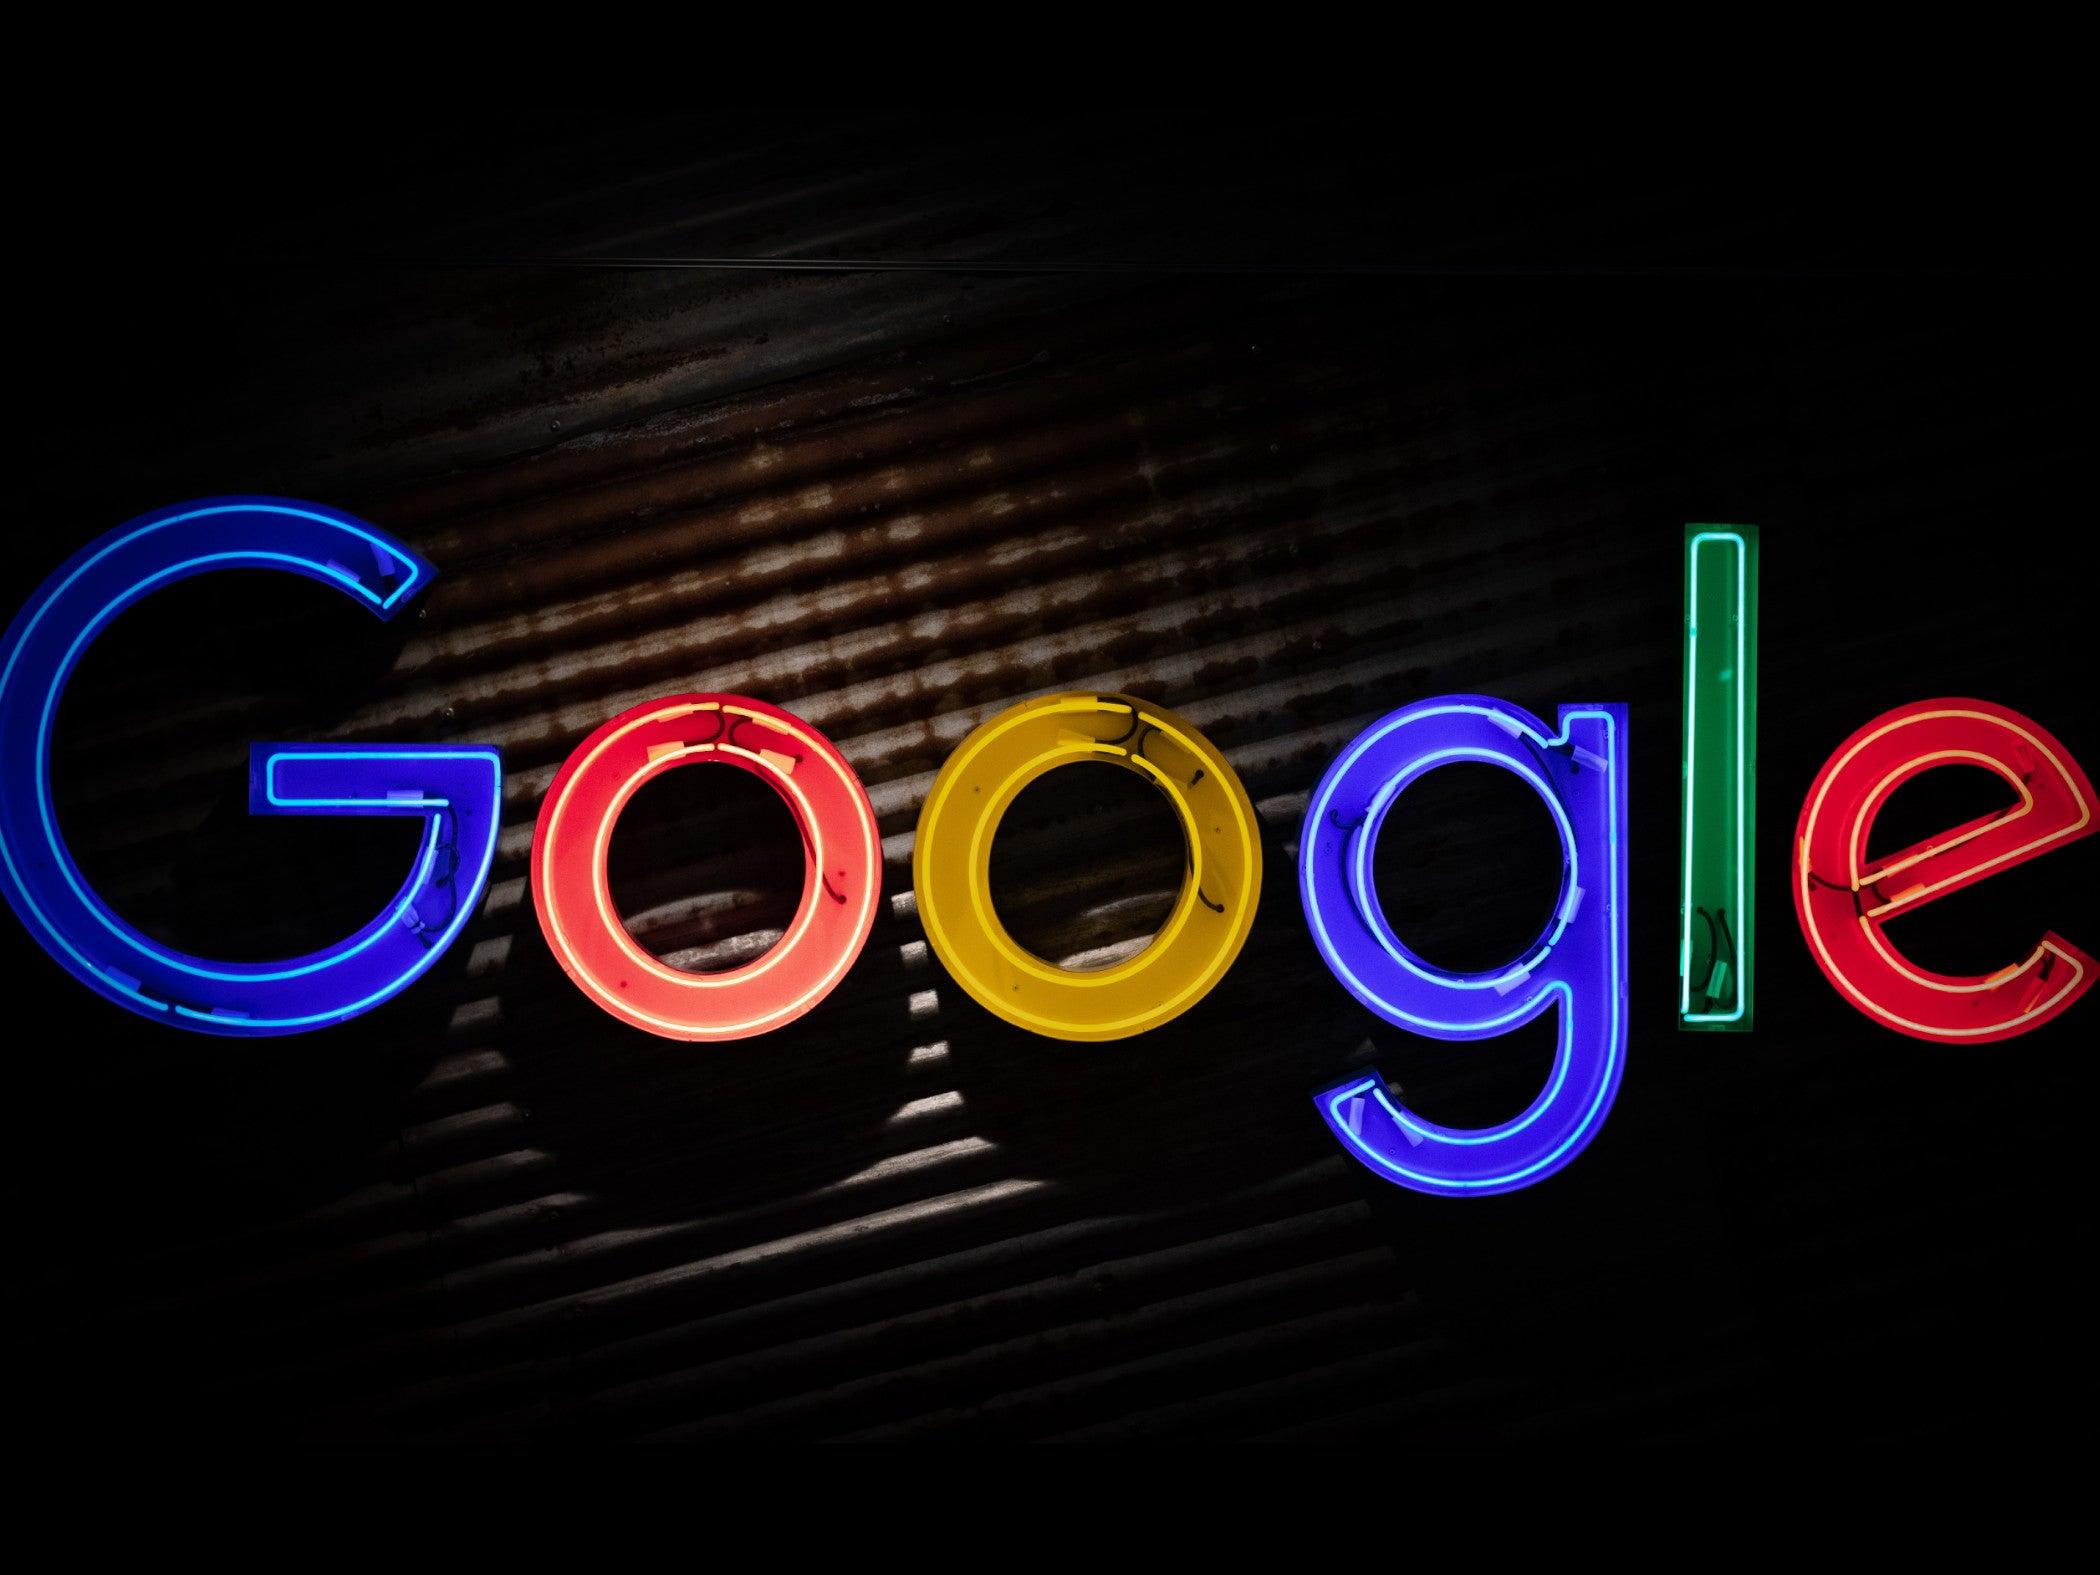 Google stellt Dienst ein, Situation eskaliert: Deine Daten werden nun für immer gelöscht - inside digital